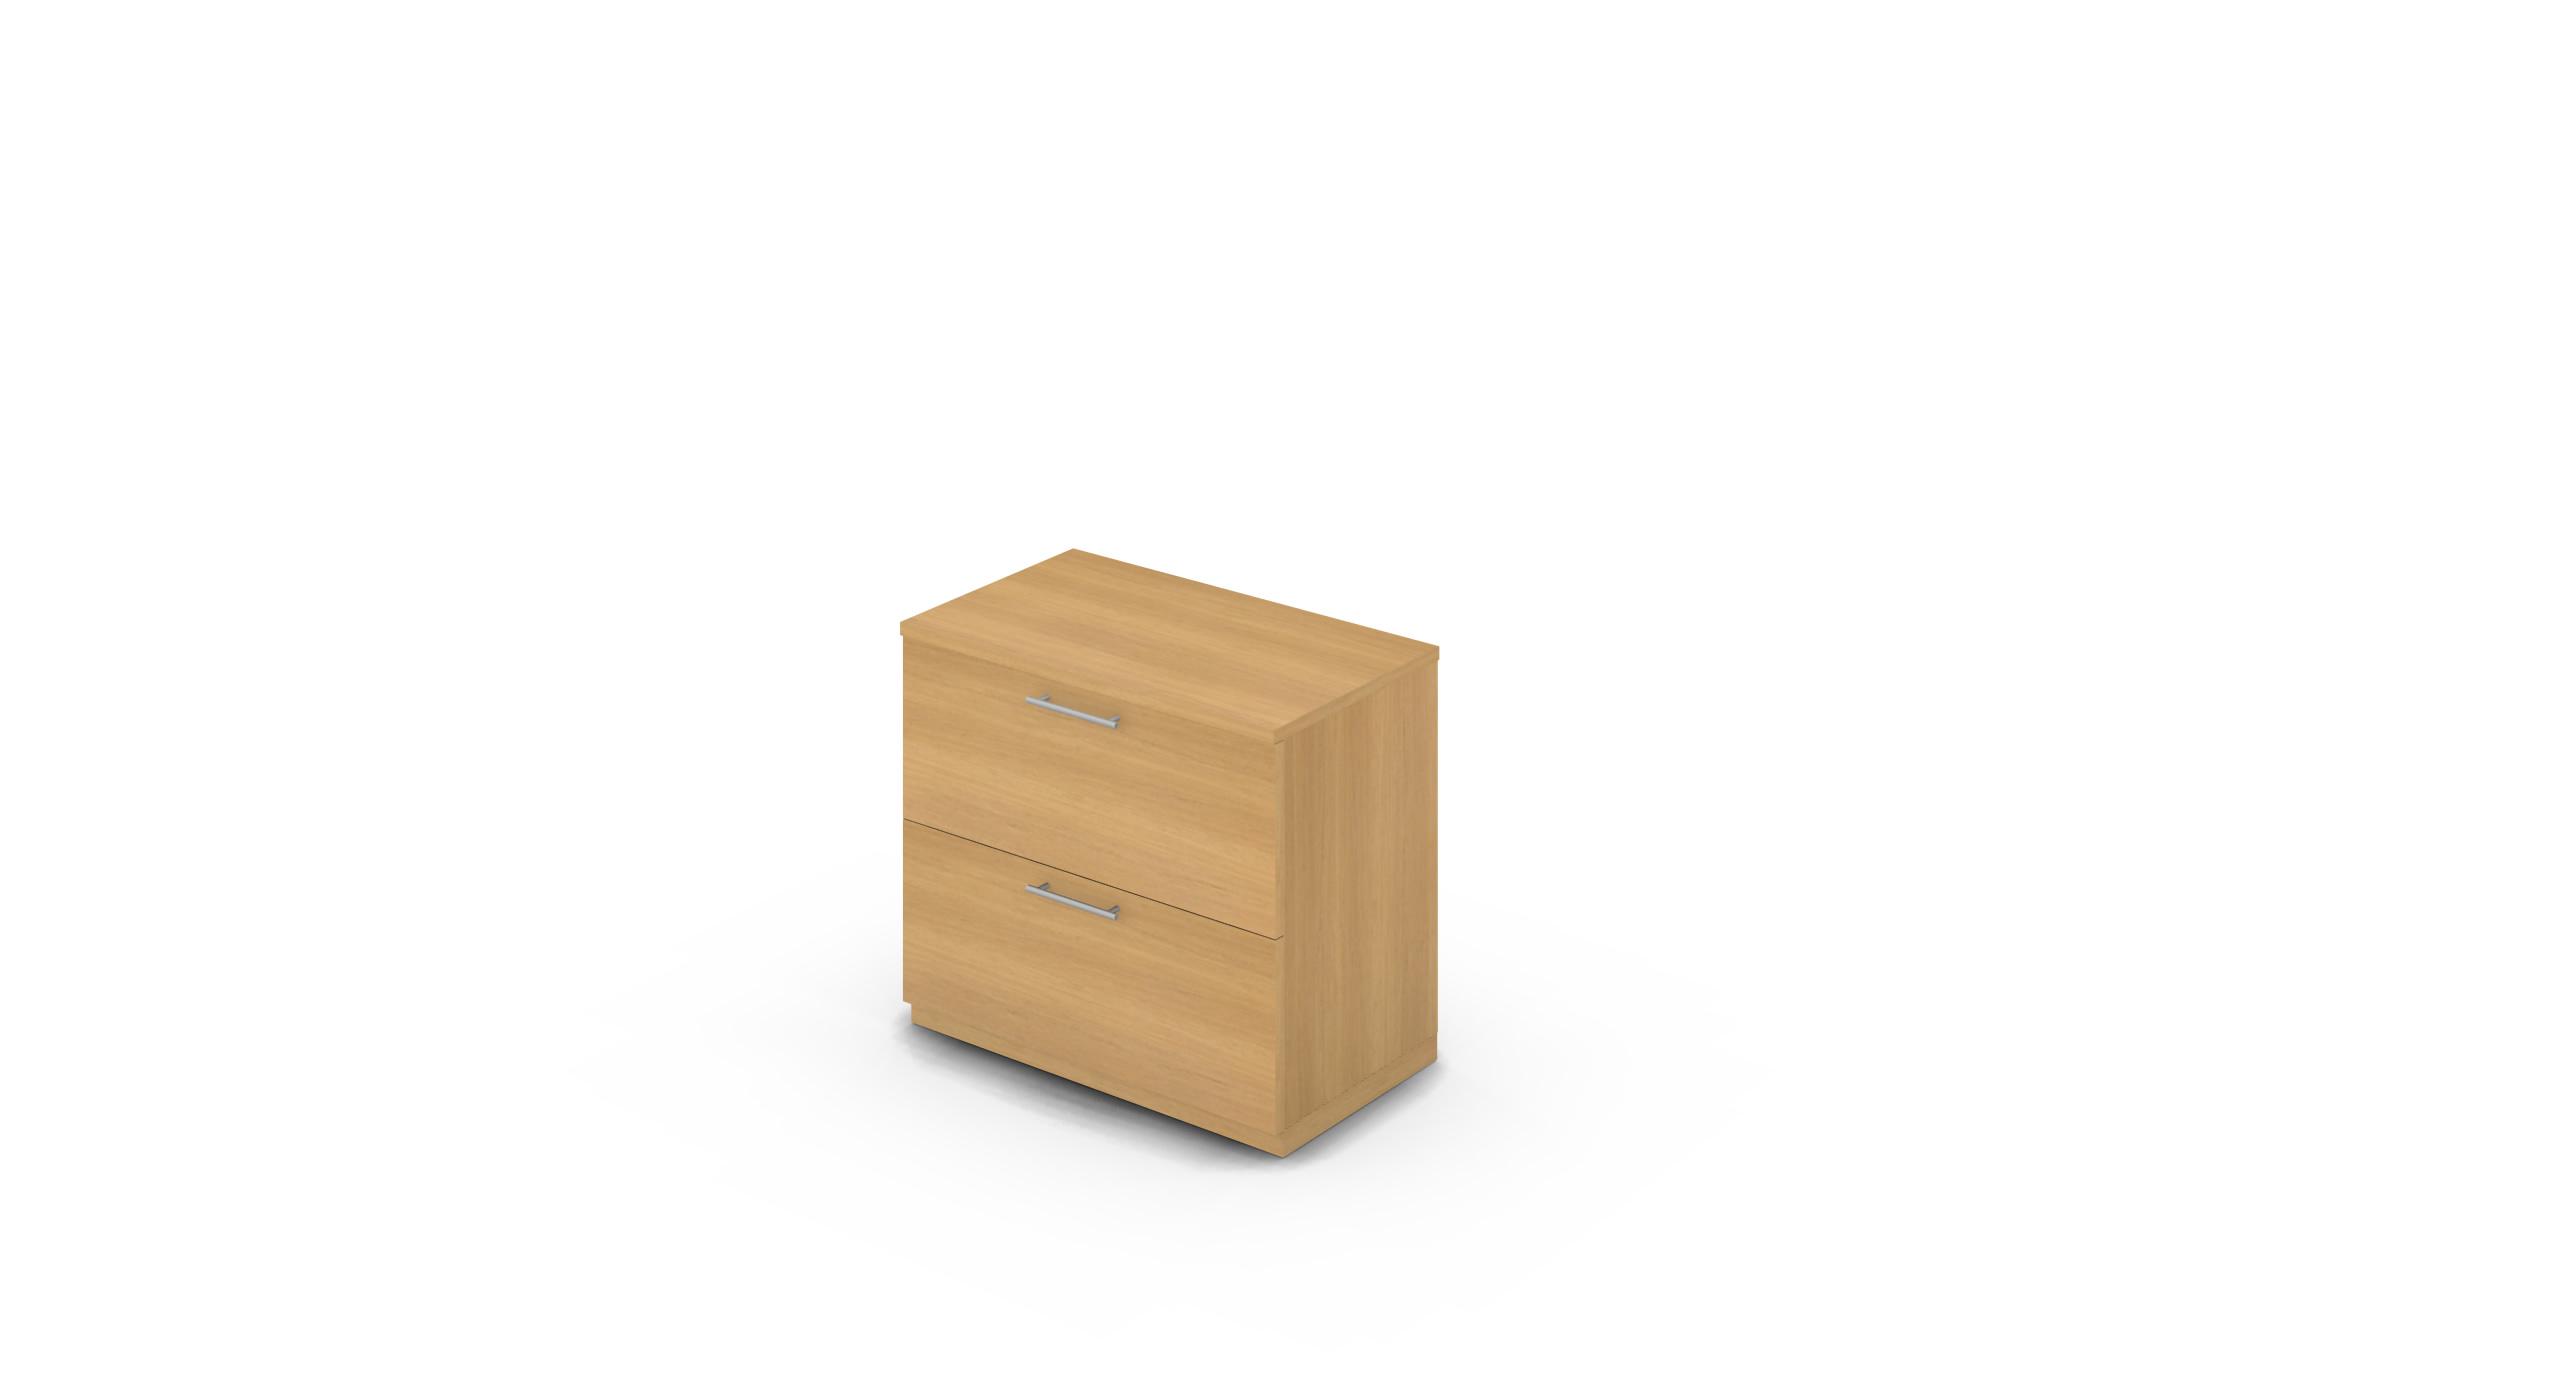 Cabinet_800x450x775_DR_Oak_Bar_Round_NoCylinder